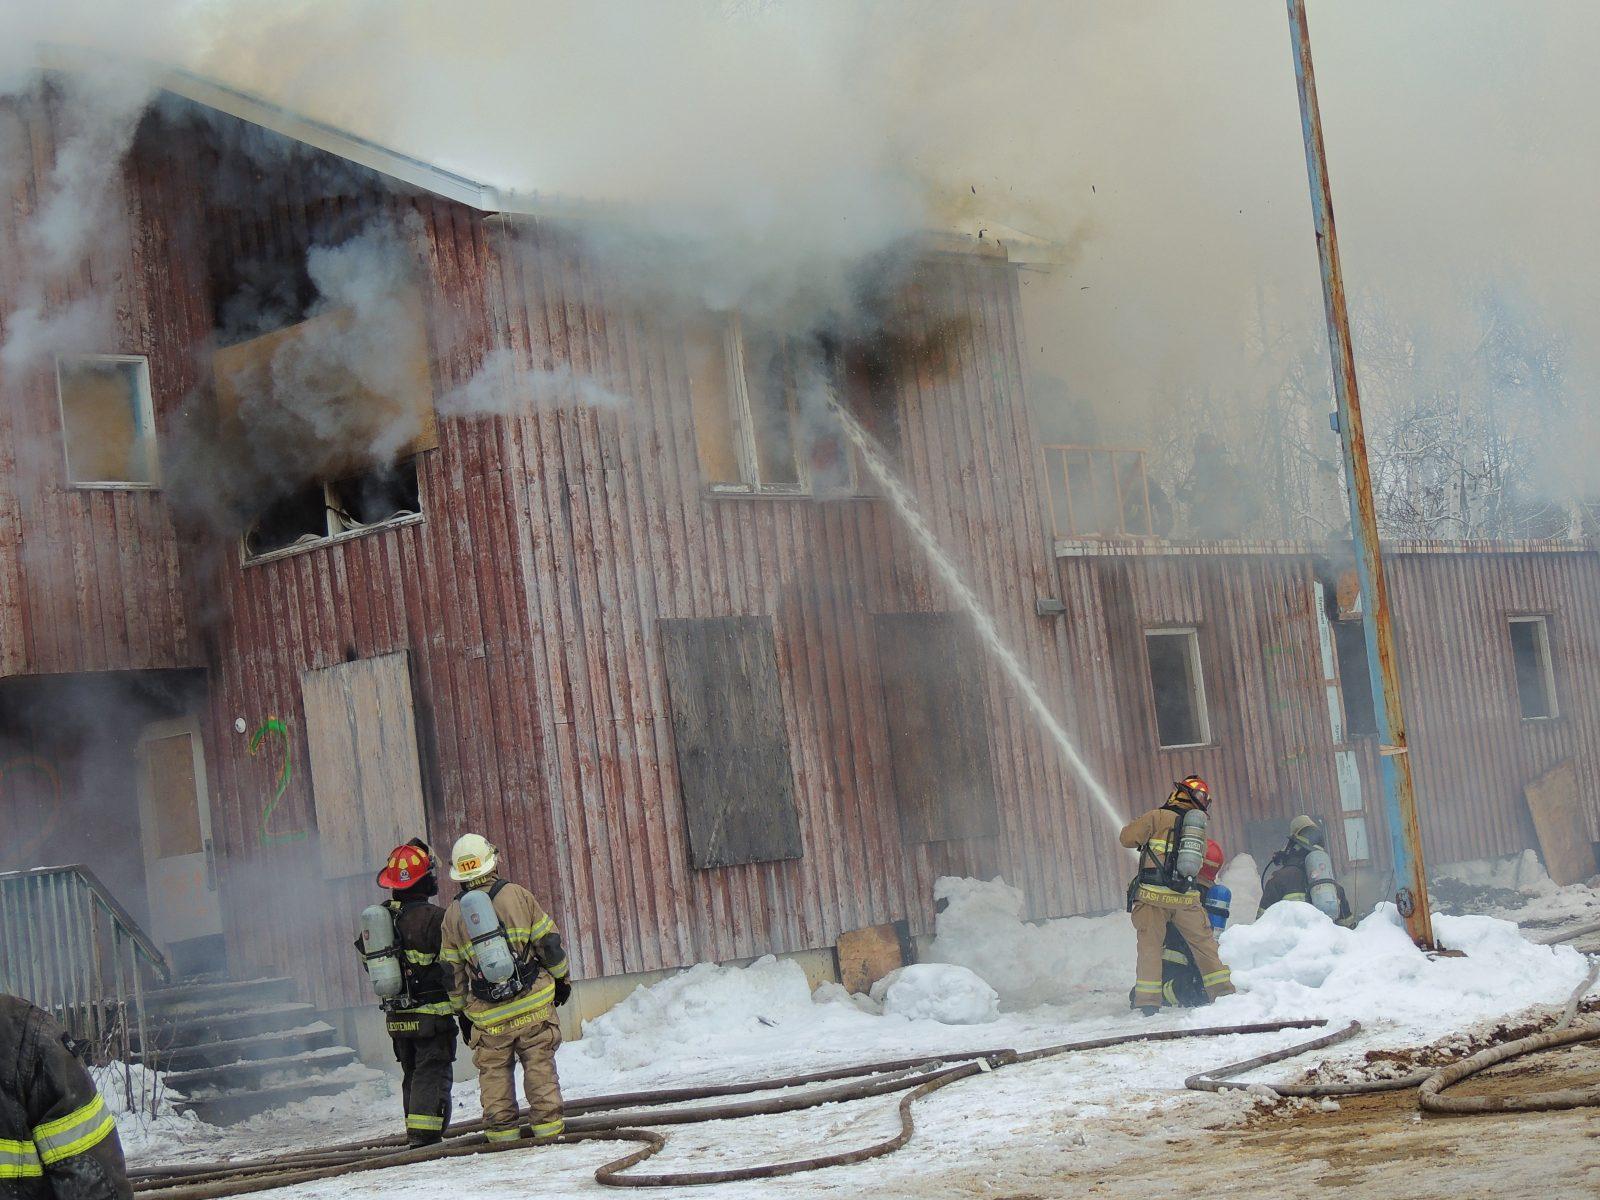 Équipements de pompier défectueux : Dolbeau-Mistassini entame un recours judiciaire